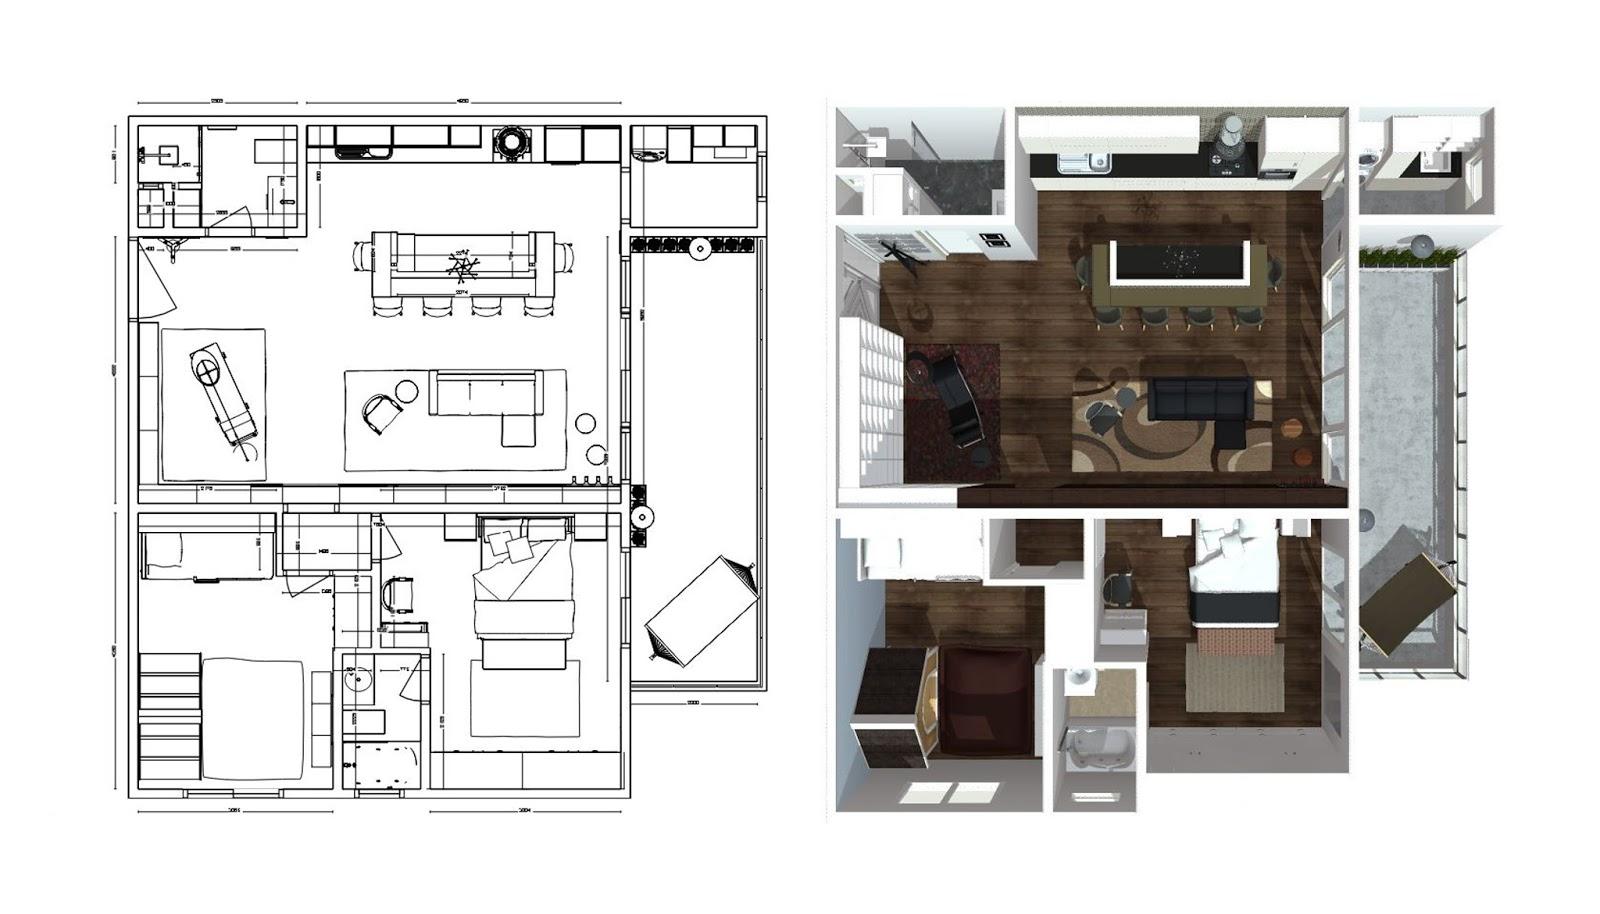 Arquitectura: Departamento Flat, 2 dormitorios, en 92.78 m2 ...